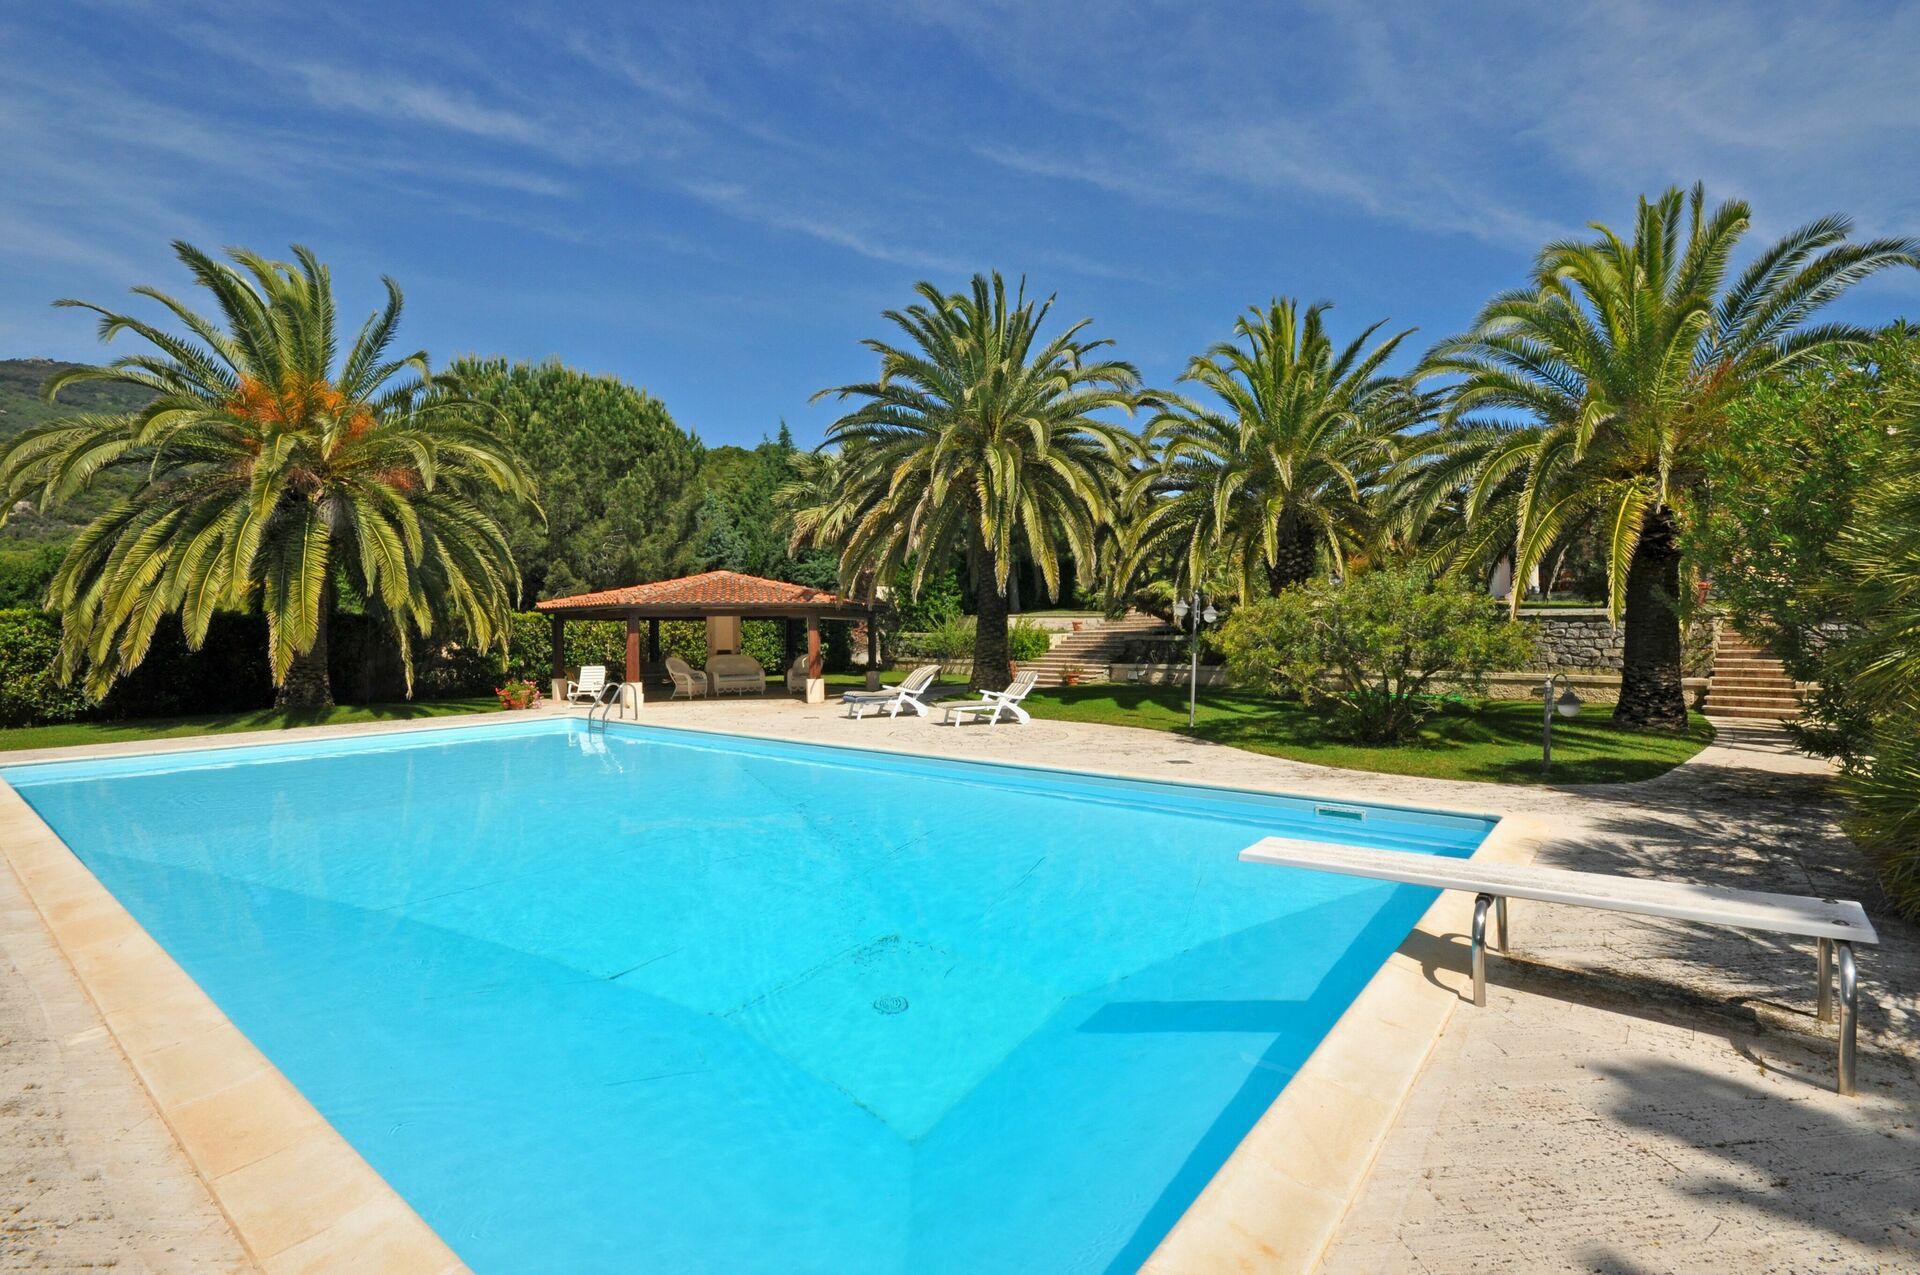 Ferienvilla in der toskana villa le palme for Palme de piscine